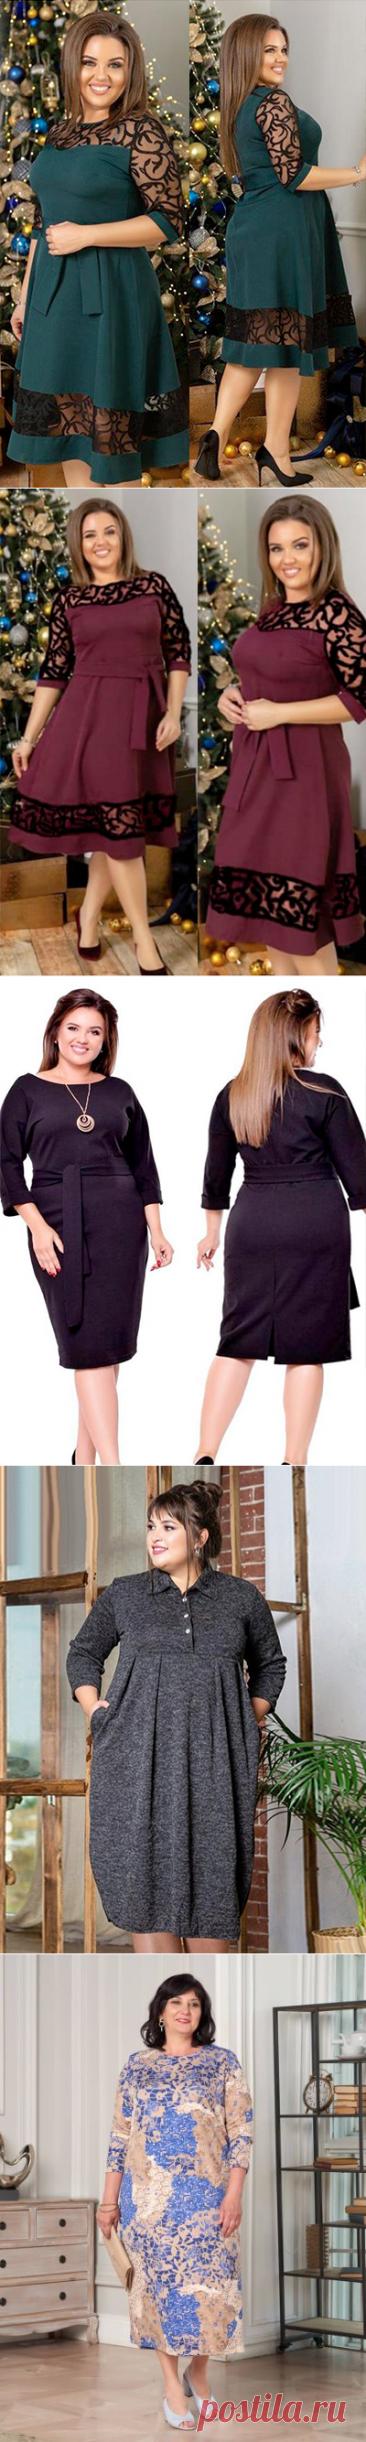 Платья Brilla — Одежда для женщин с пышными формами